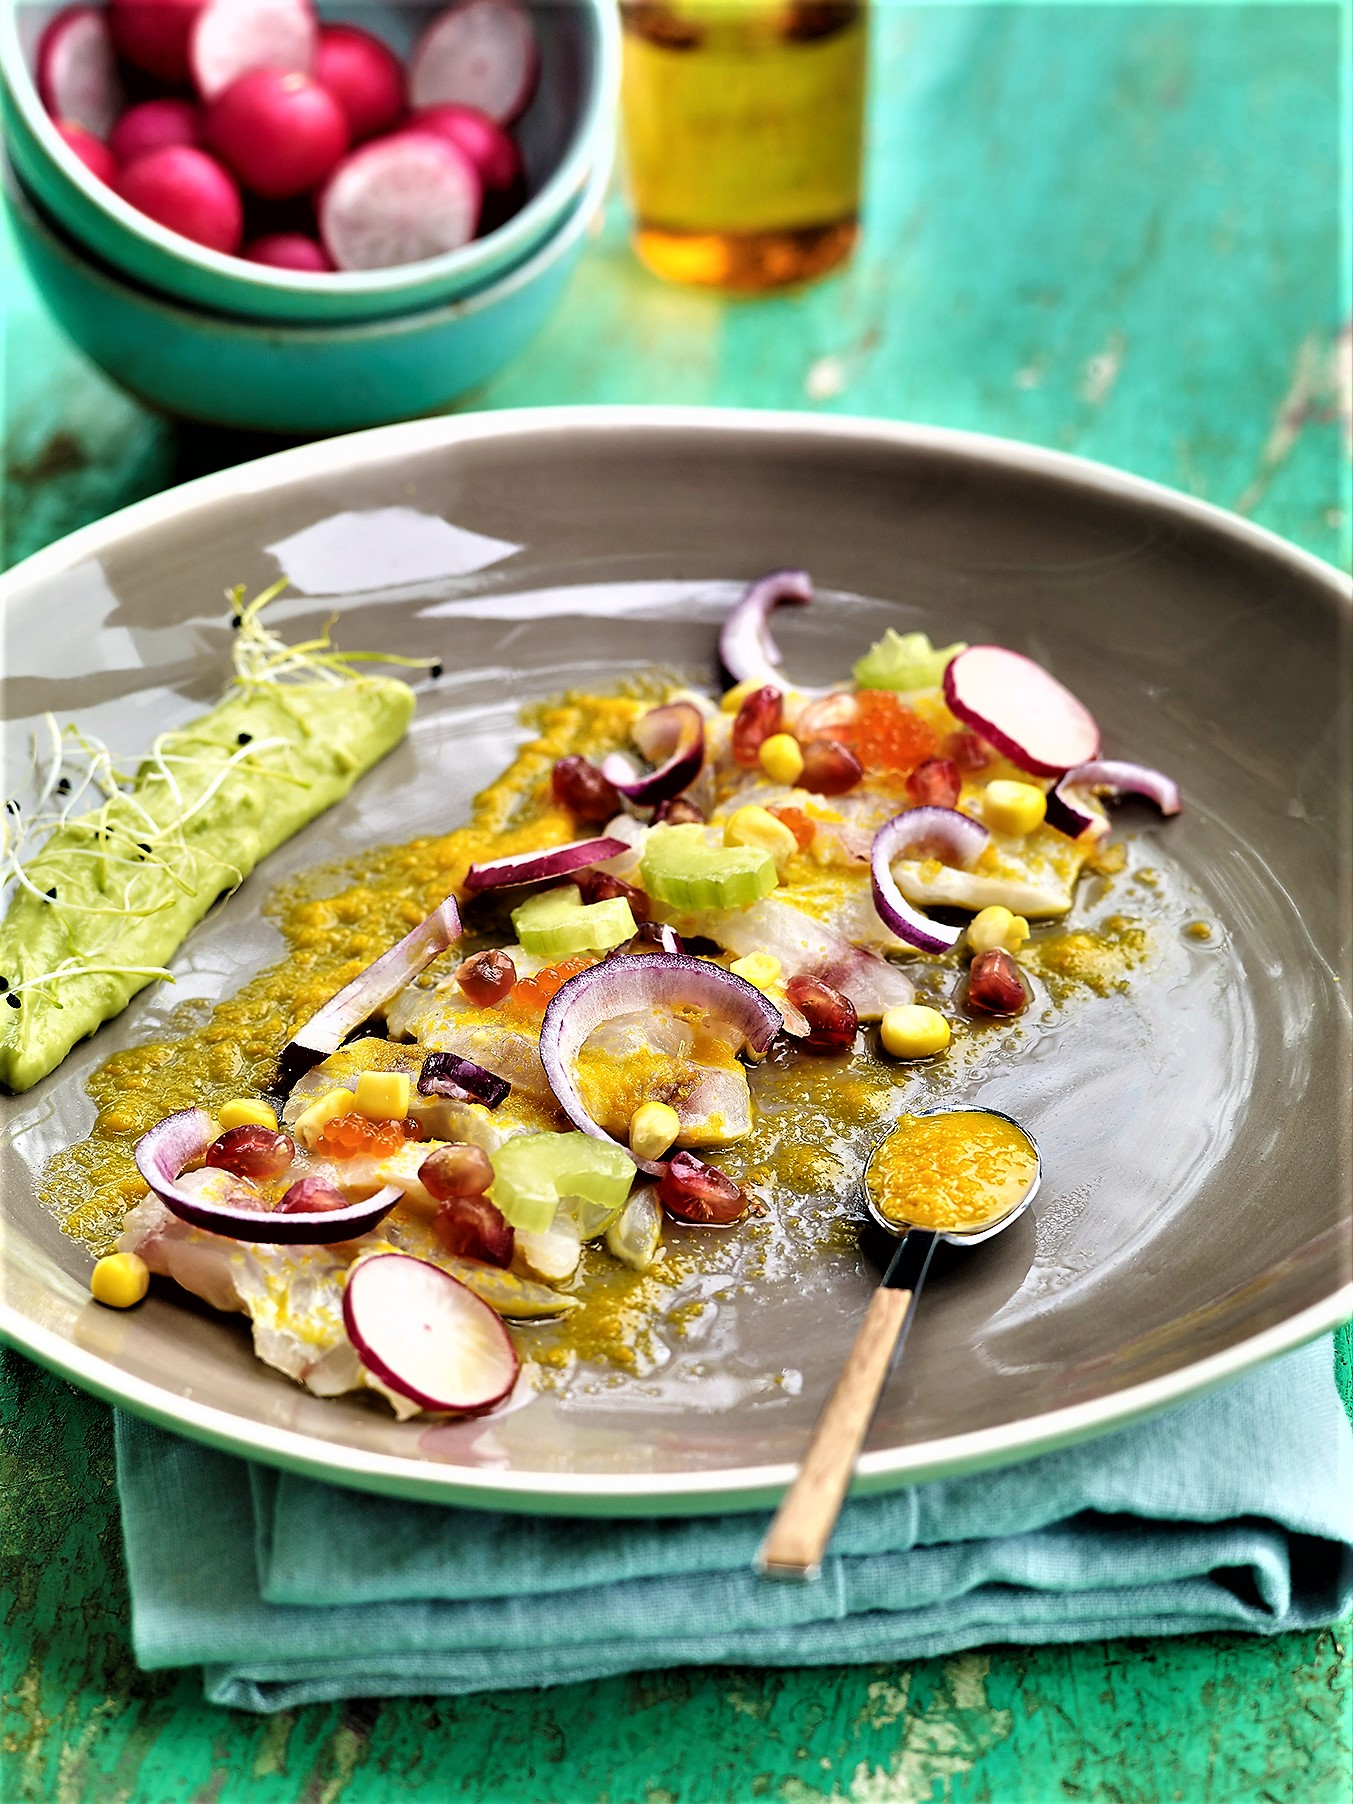 Per en tu mesa con estas recetas peruanas escuela de cocina telva - Cursos de cocina sabadell ...